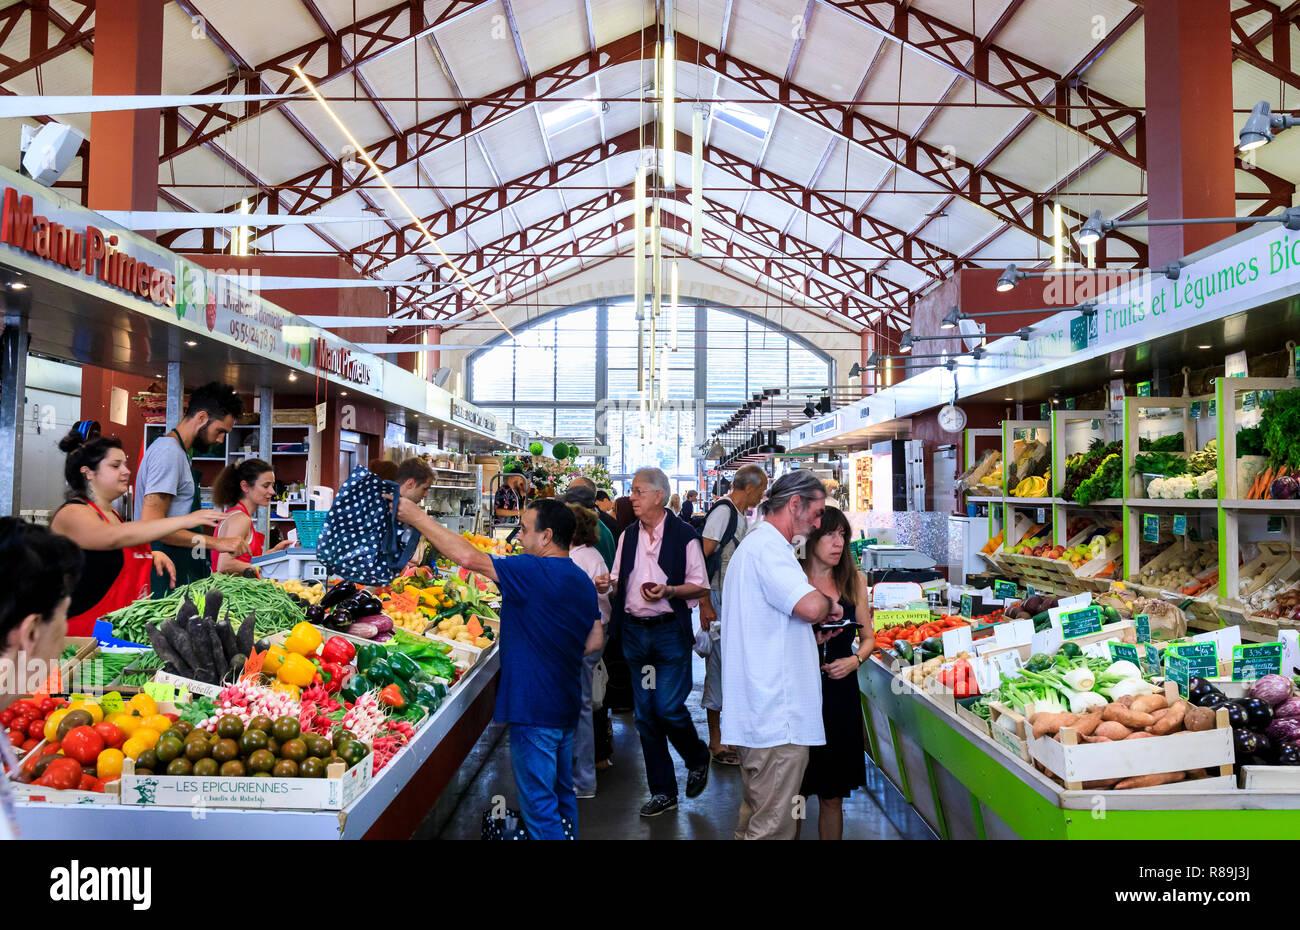 Marche Fermier French Farmers Market Fresh Food Sign Plaque U Pik Color Vegan Home Decor Plaques Signs Home Garden